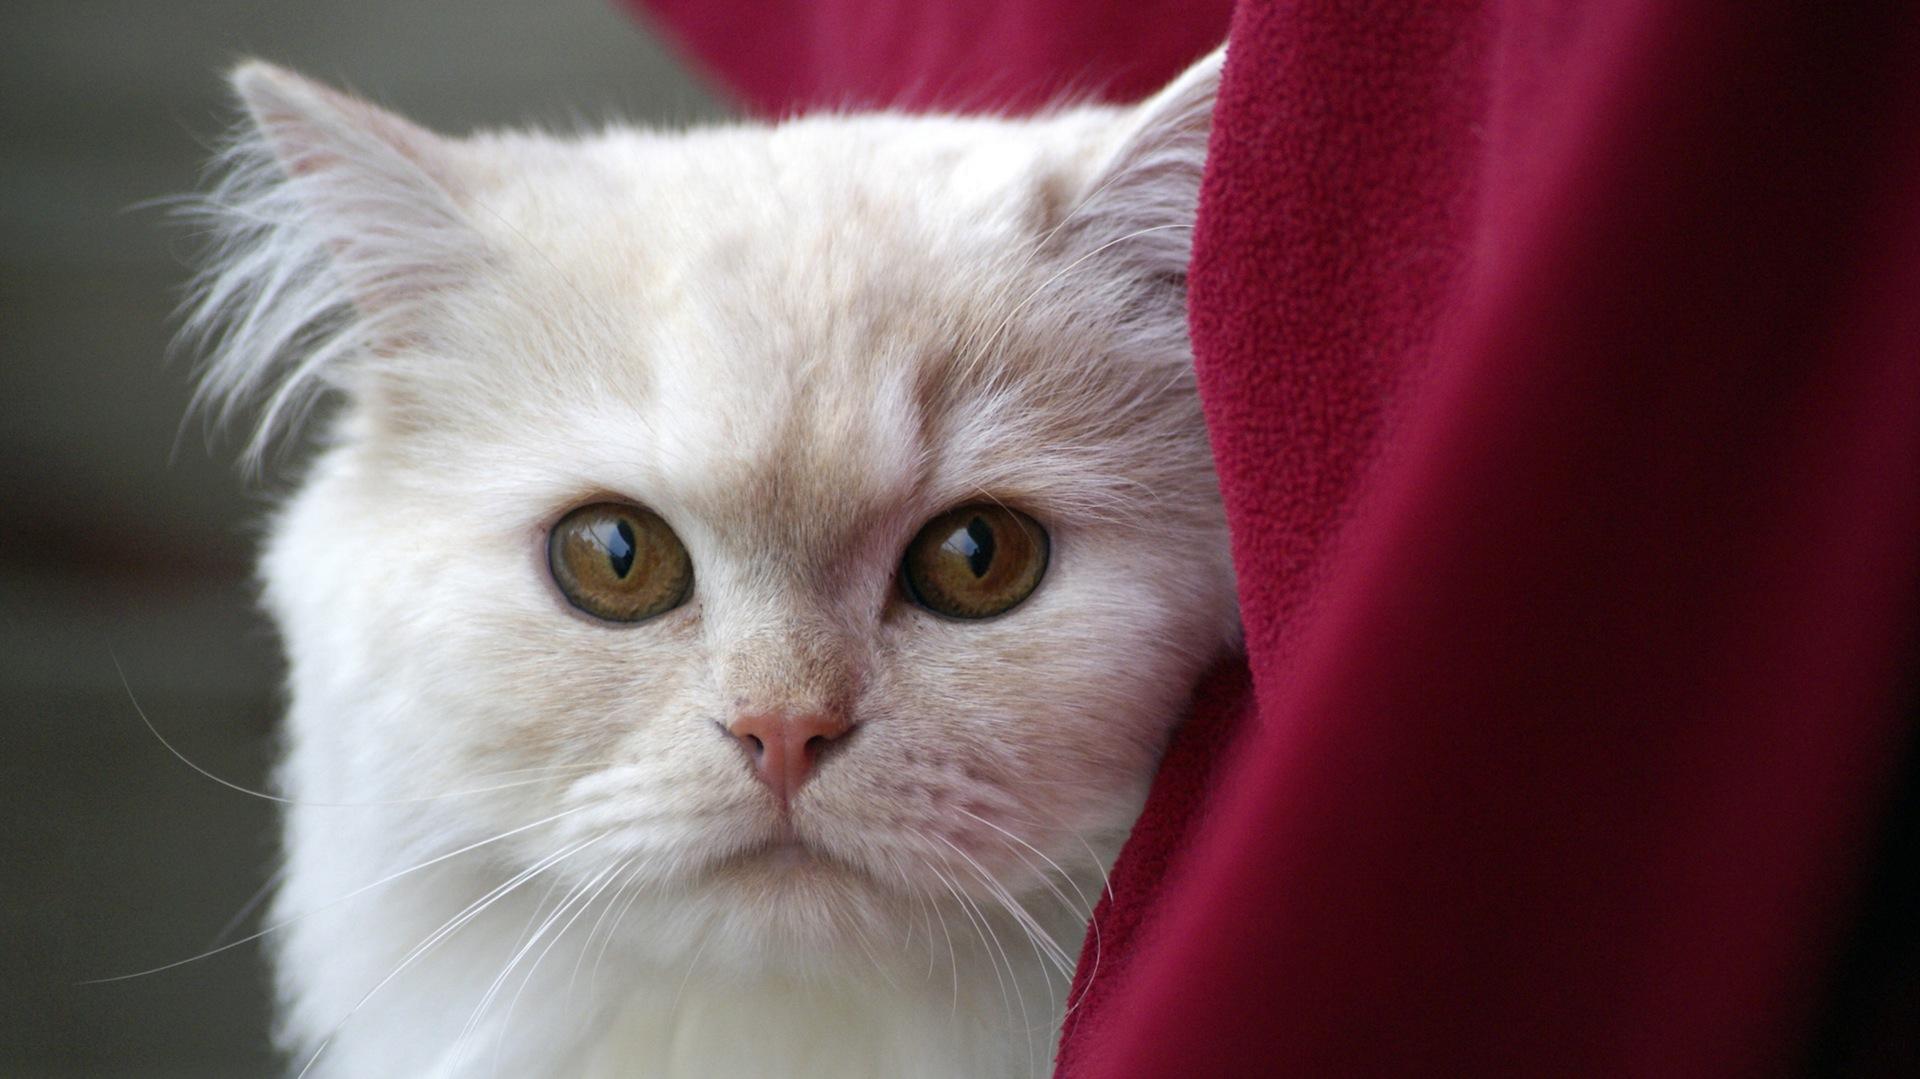 γάτα, Κατοικίδιο ζώο, τα μάτια, Κοίτα, Λευκό - Wallpapers HD - Professor-falken.com